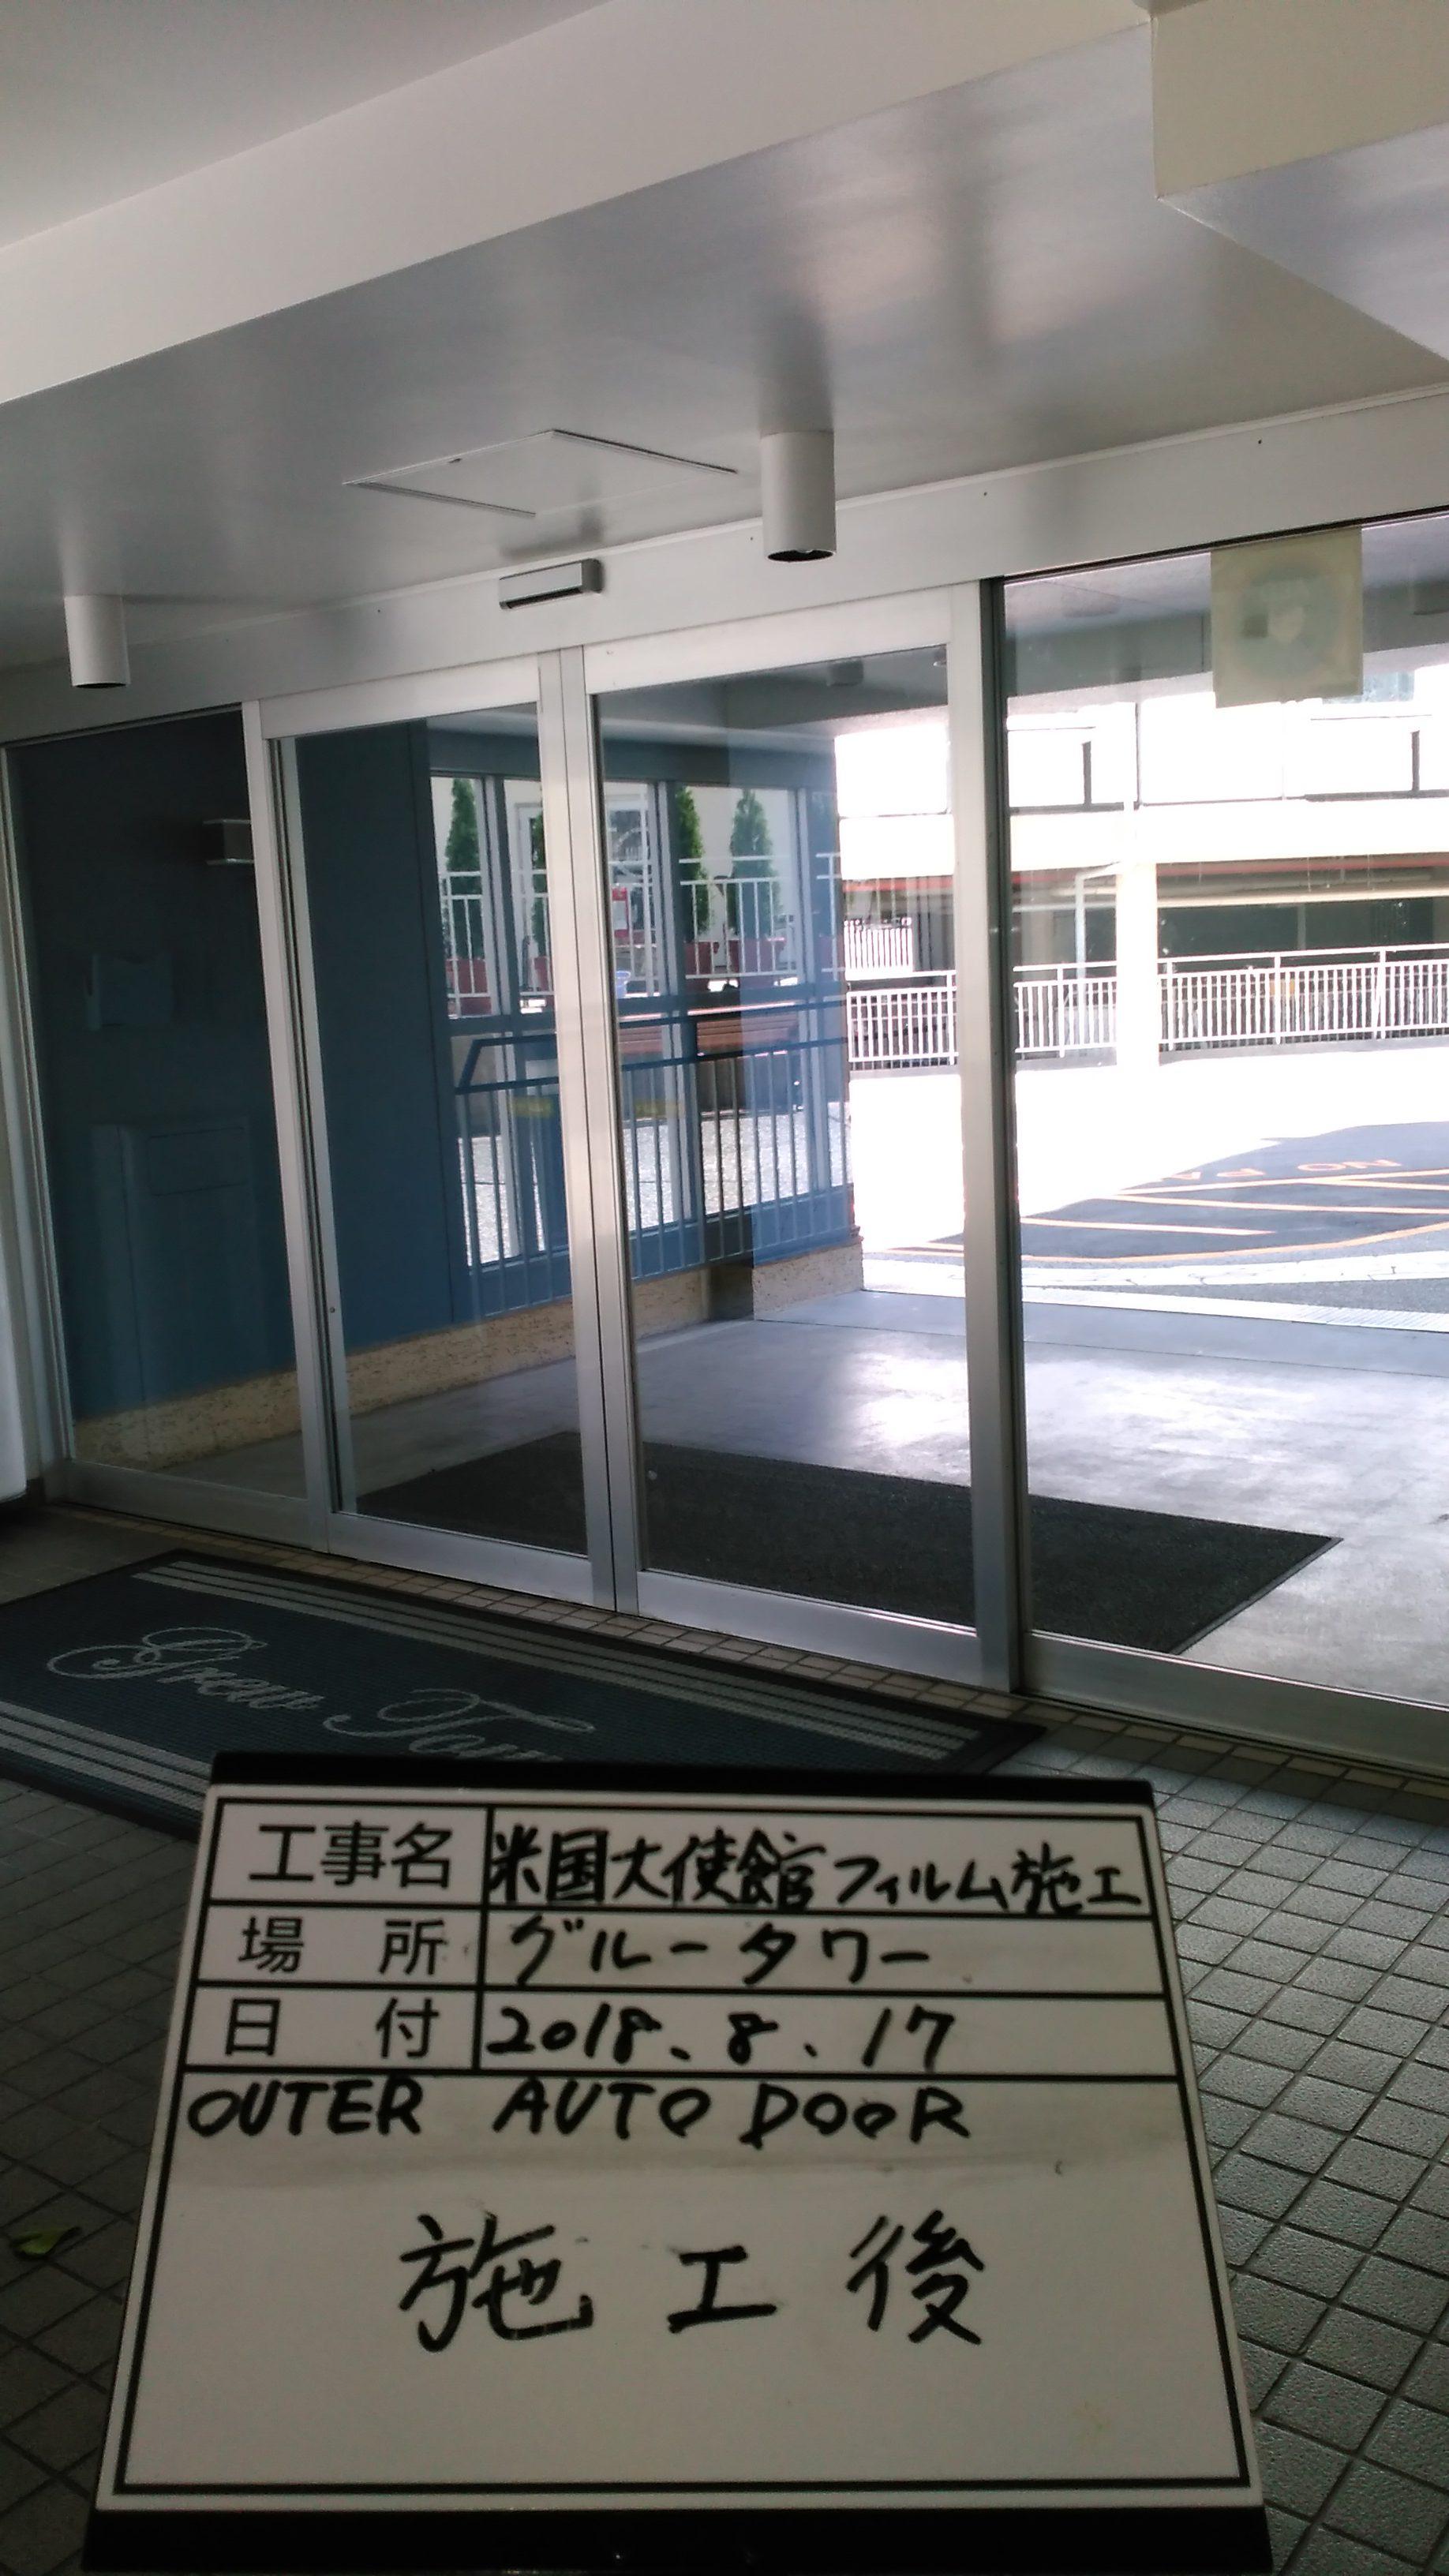 アメリカ大使館 窓ガラス(防犯フィルム)施工事例